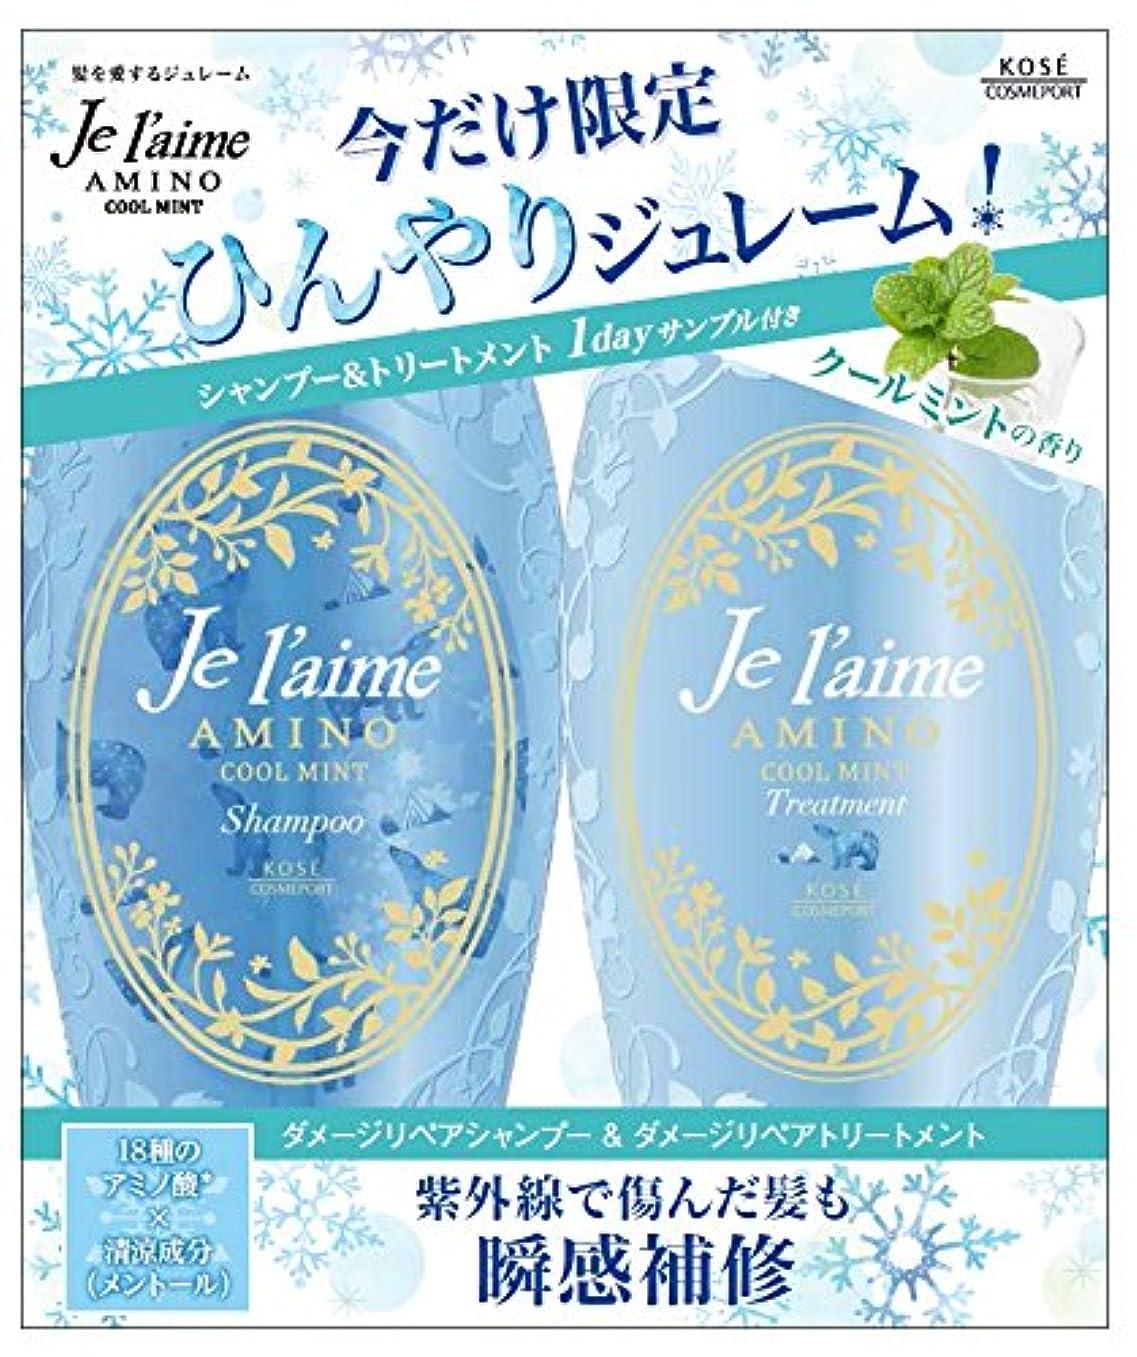 KOSE コーセー ジュレーム アミノ クール ミント シャンプー & トリートメント ペアセット 【数量限定】